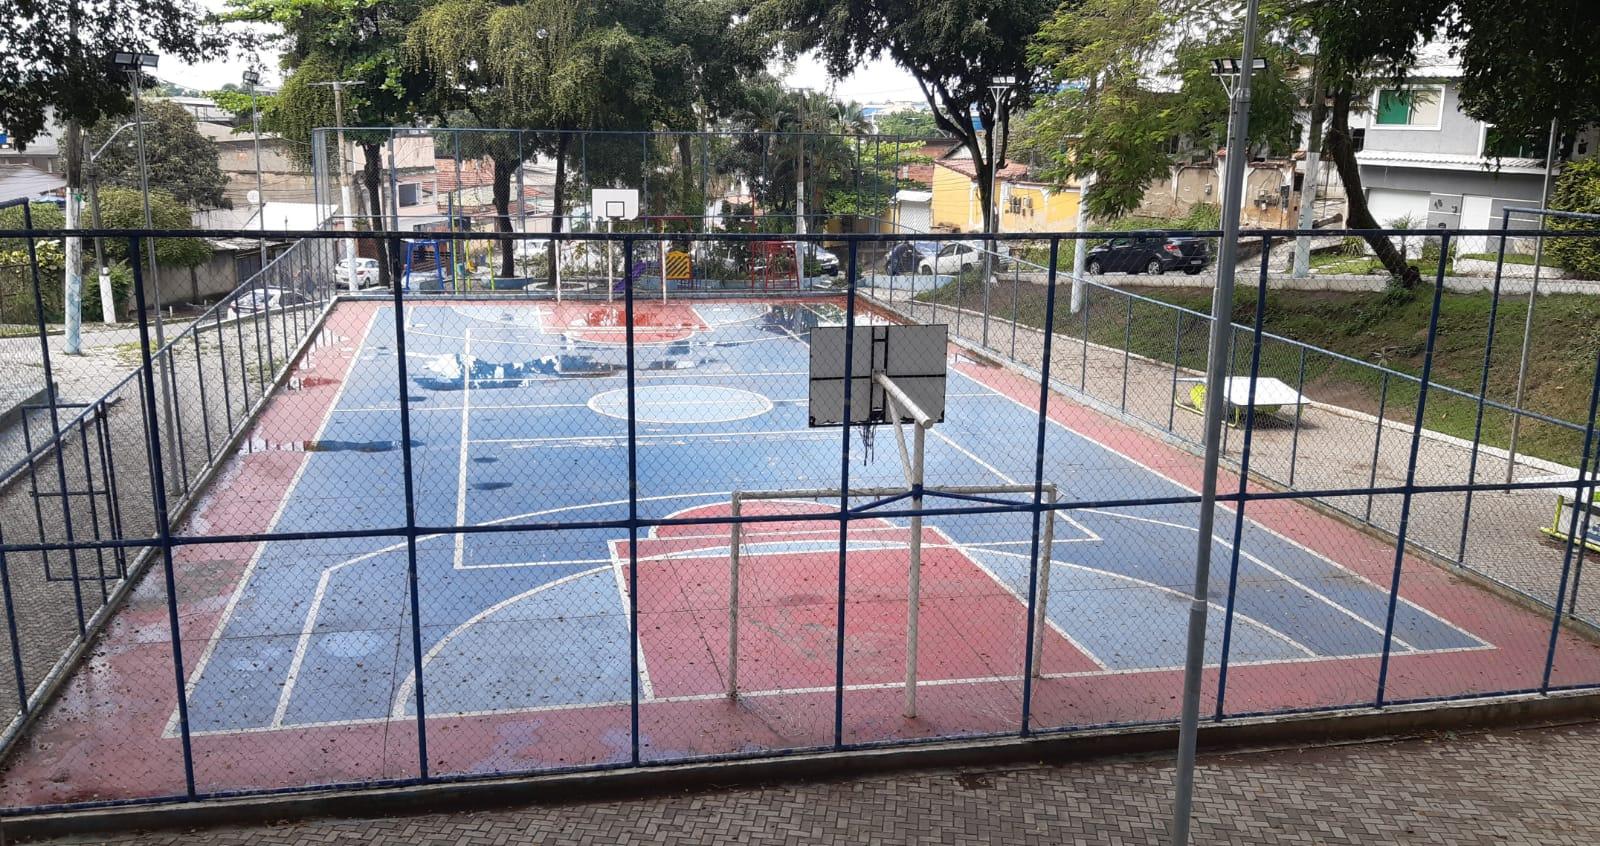 Praça da Assembleia, em Saracuruna, emde Duque de Caxias, local onde os meninos foram baleados